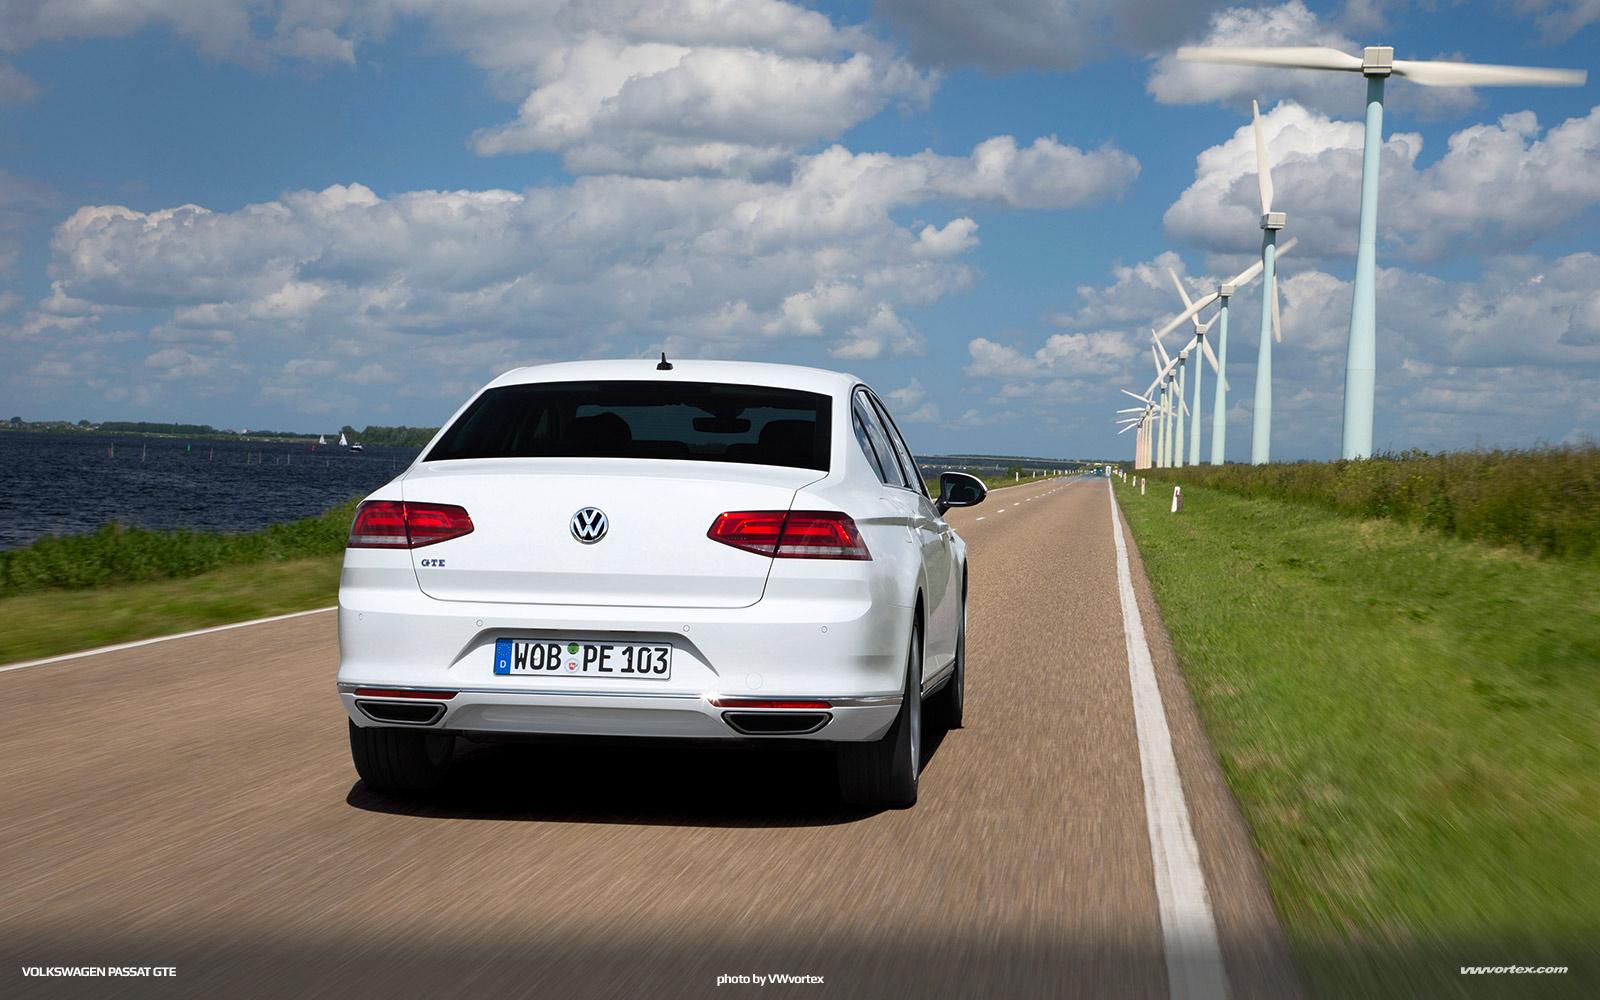 Audi-A5-S-line-competition-plus-Japan-790